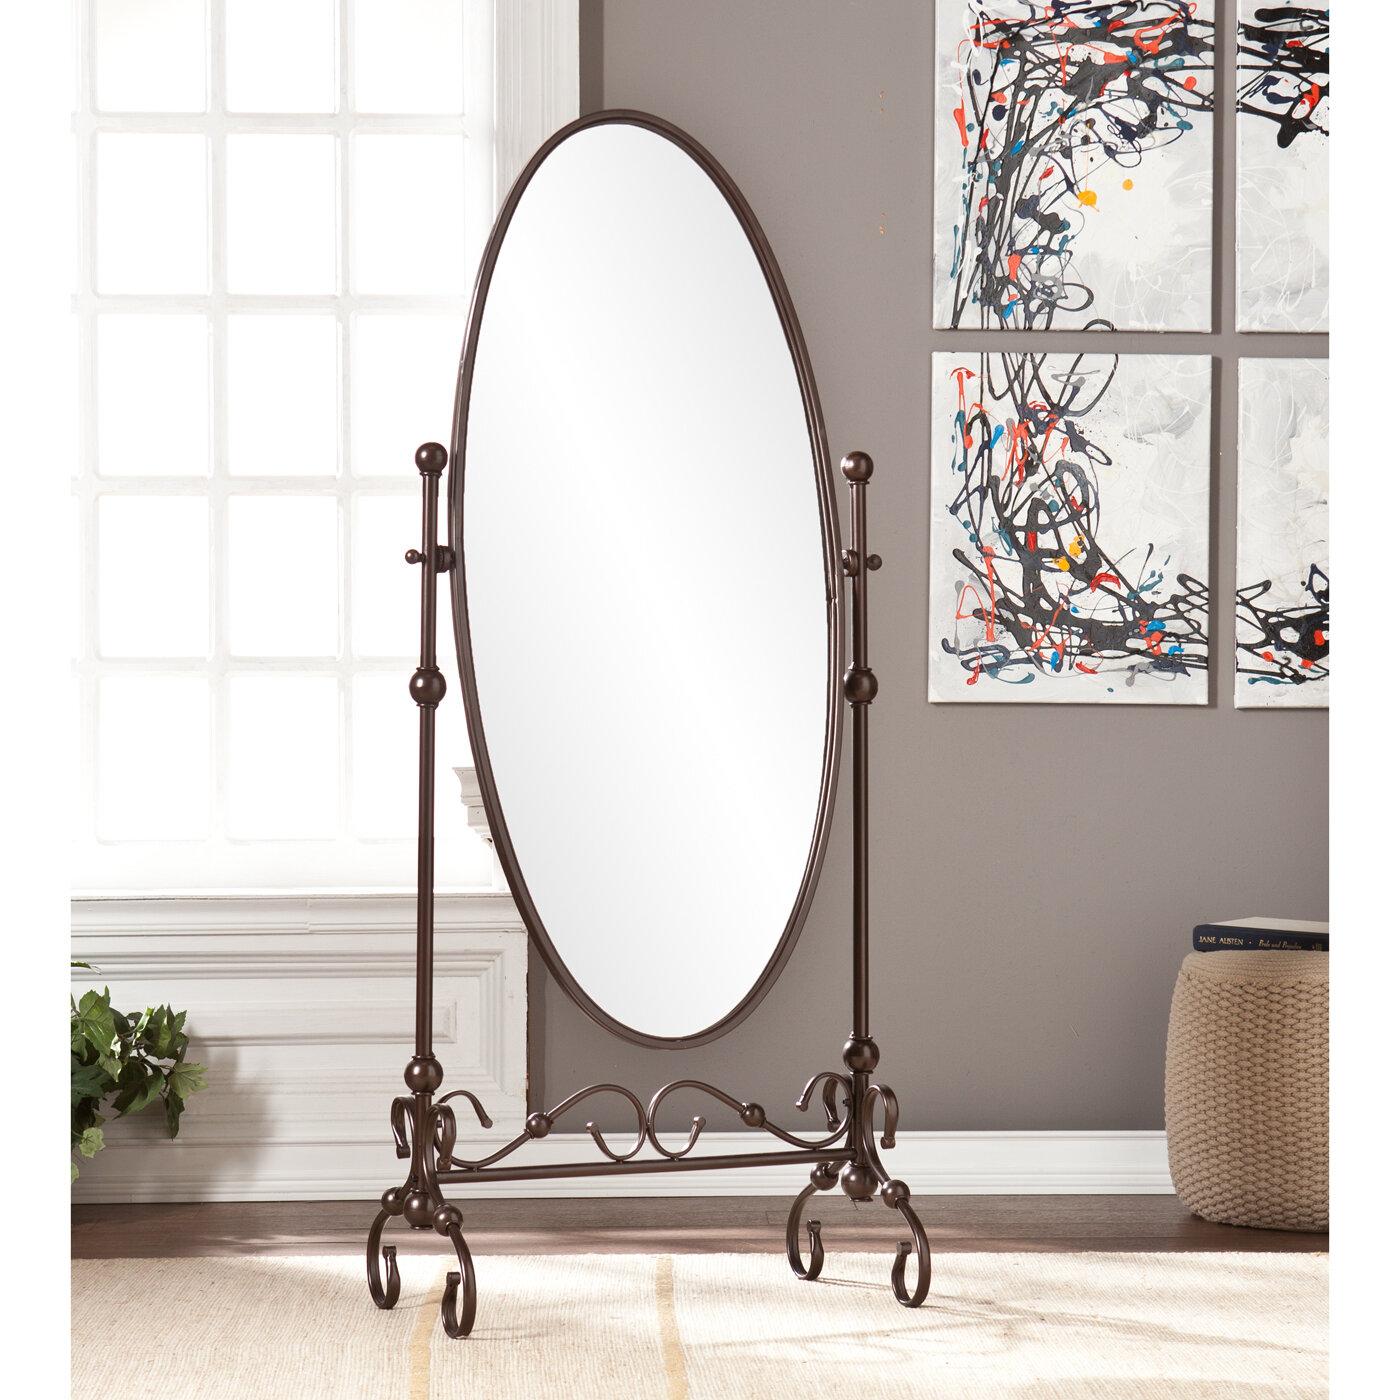 Sleek Mirror Floor Full Length Cheval Accent Decor Tilt